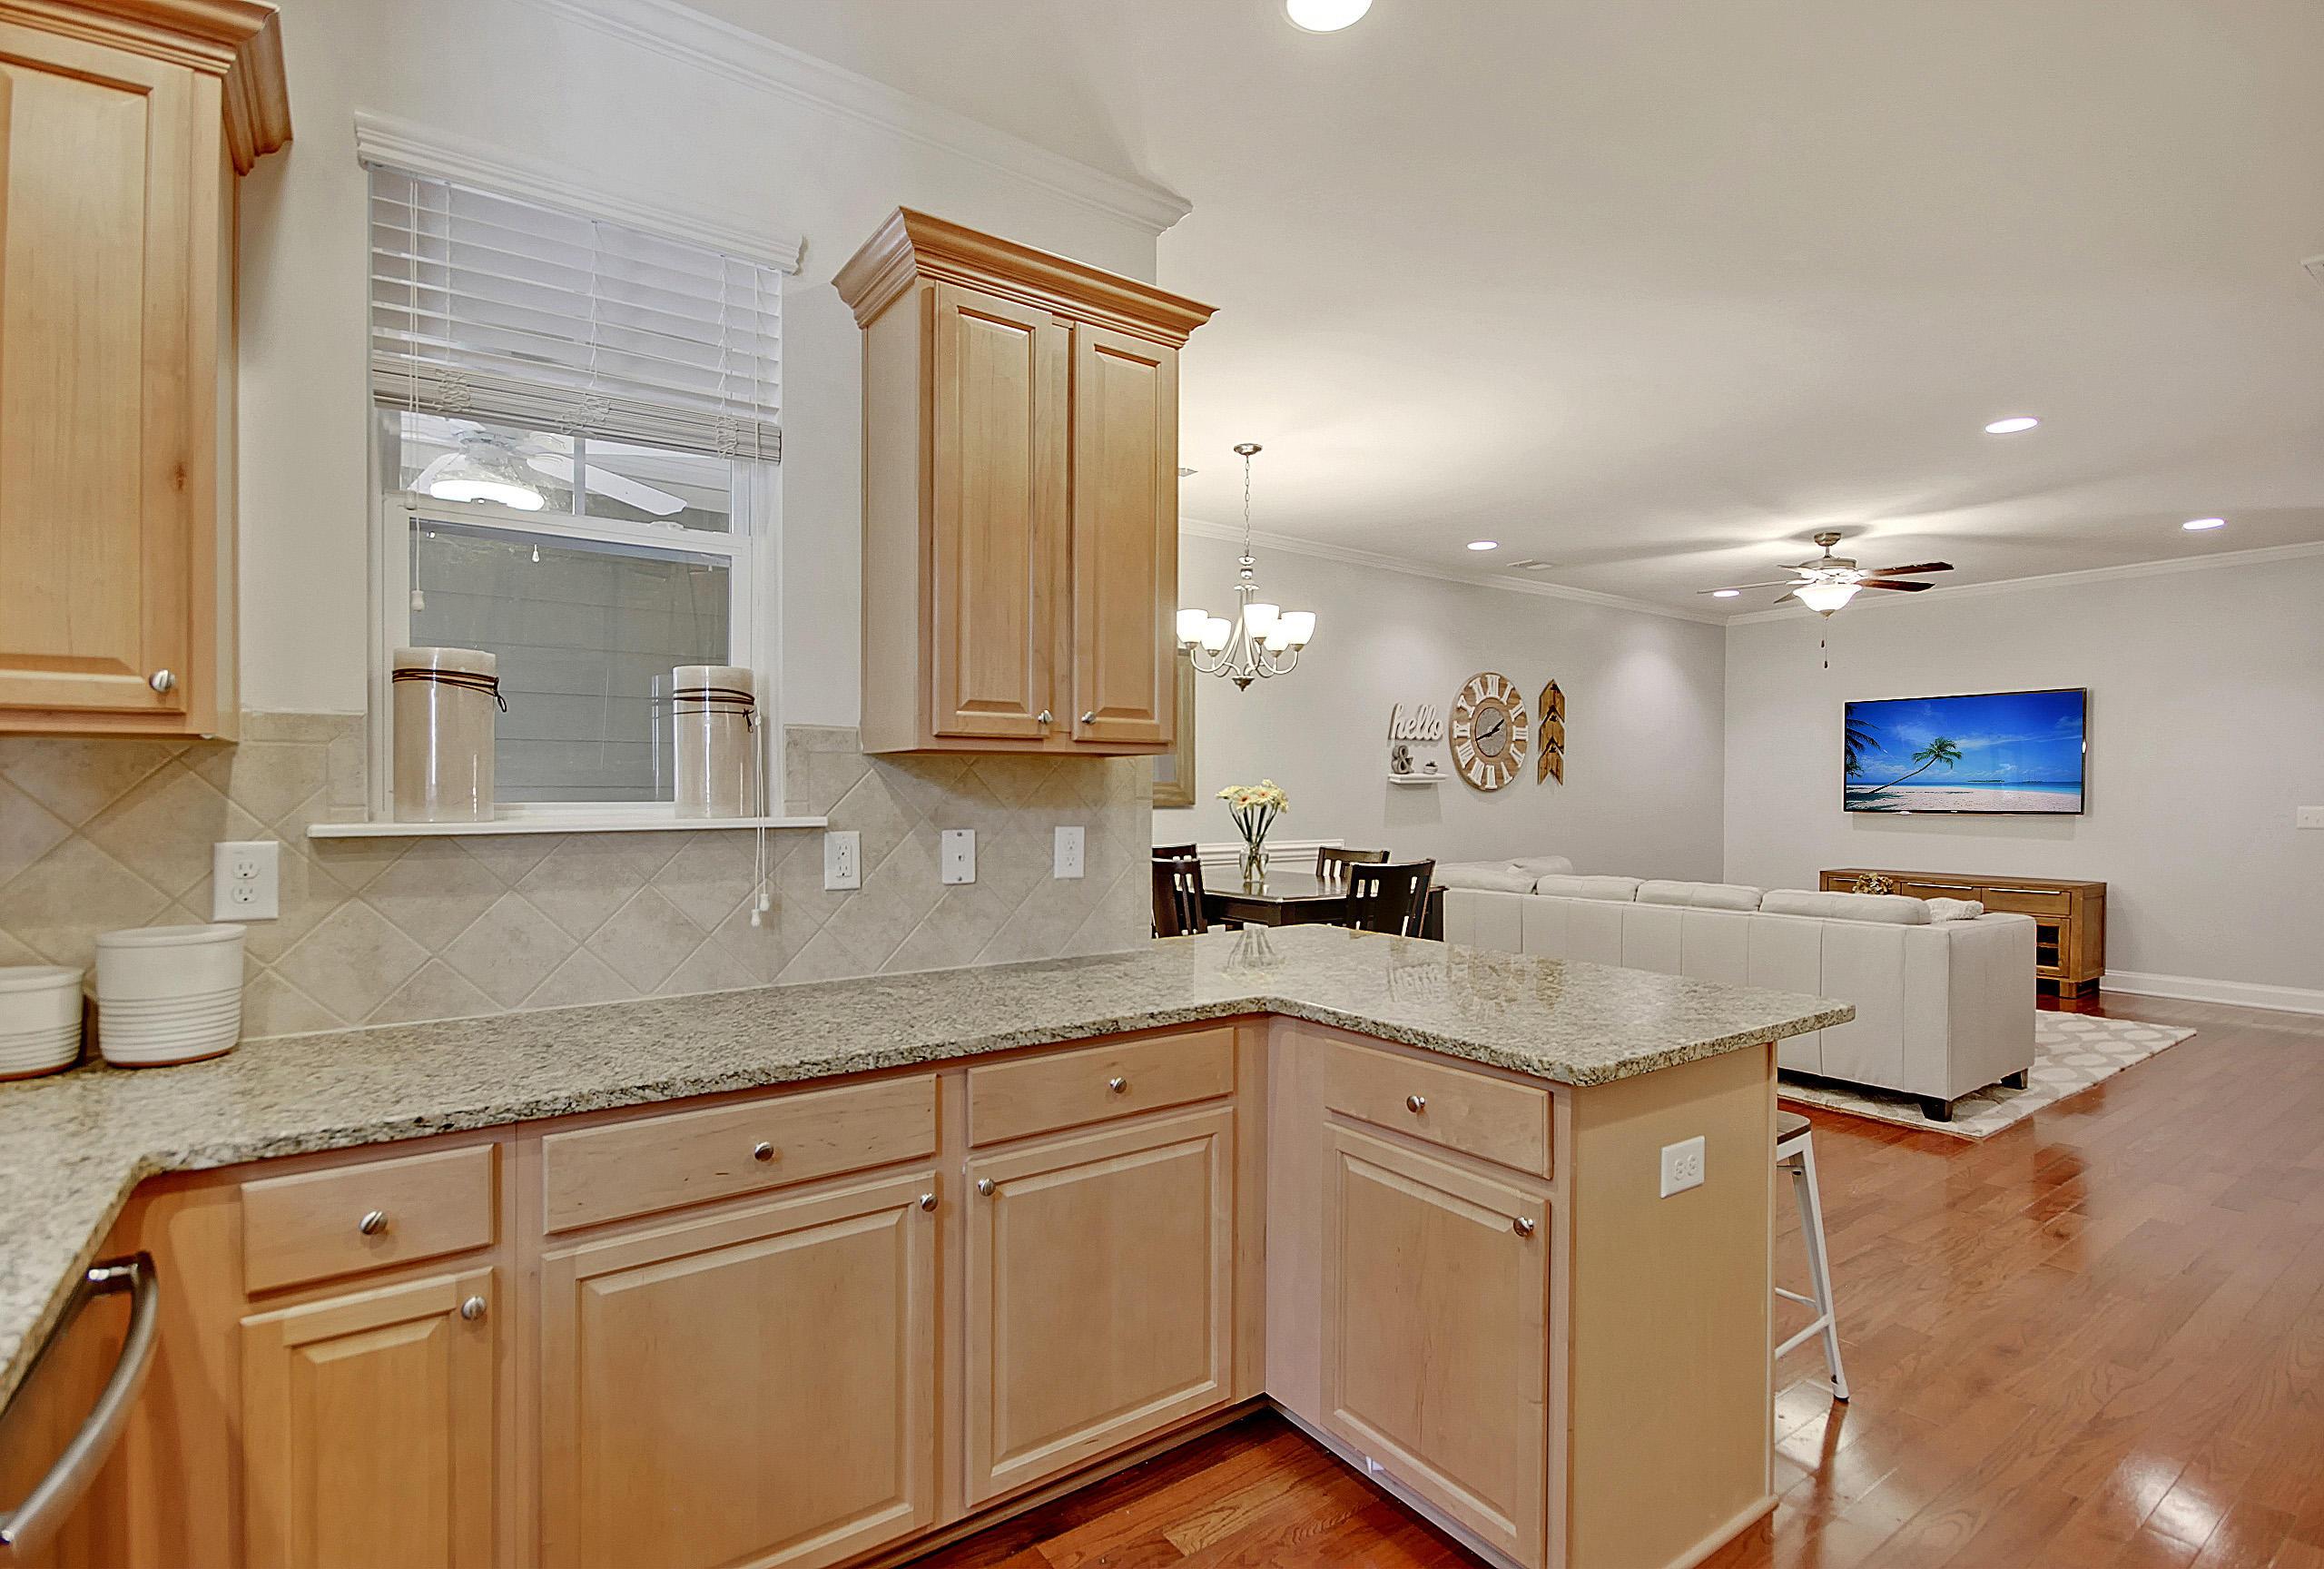 Royal Palms Homes For Sale - 1273 Dingle, Mount Pleasant, SC - 15